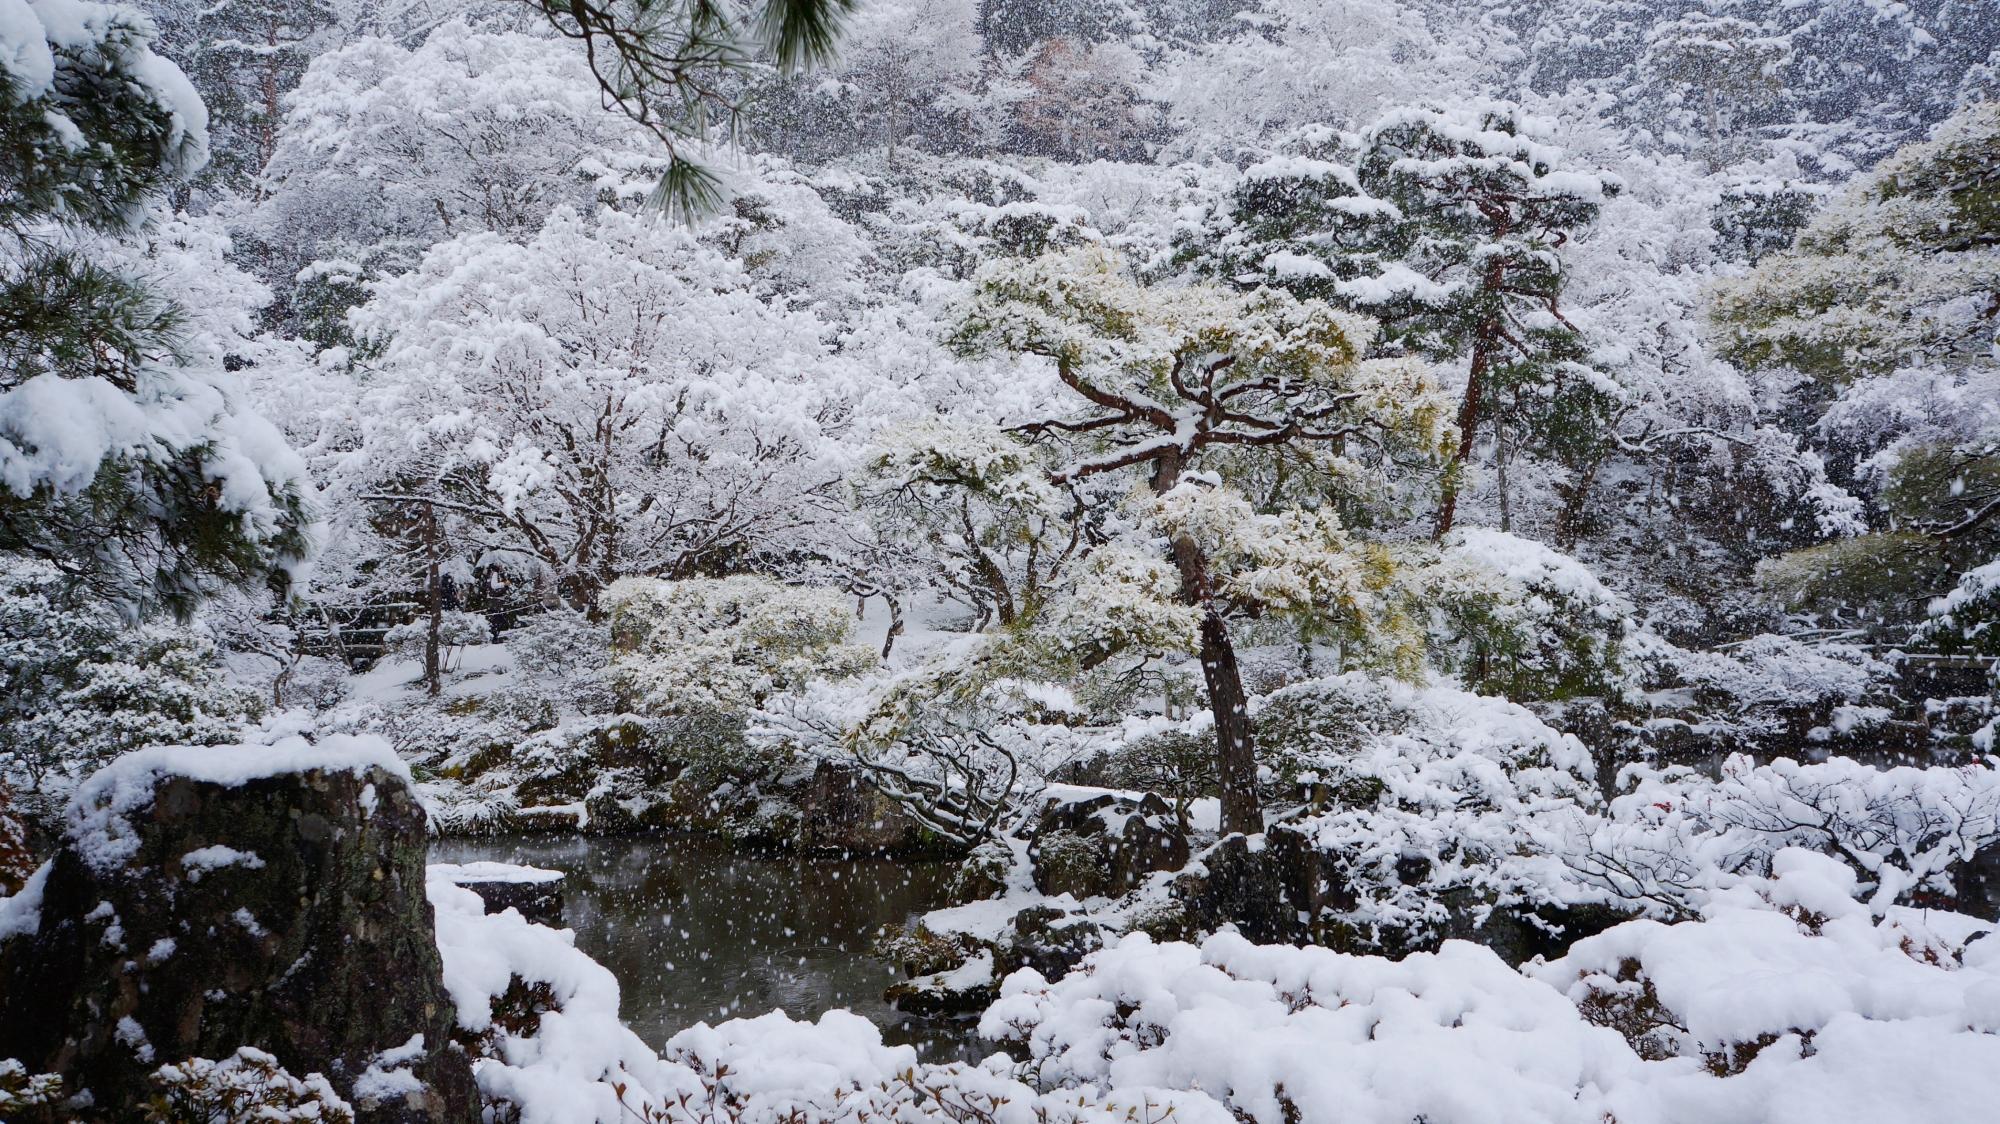 見事に雪化粧した多種多様な木々や植物